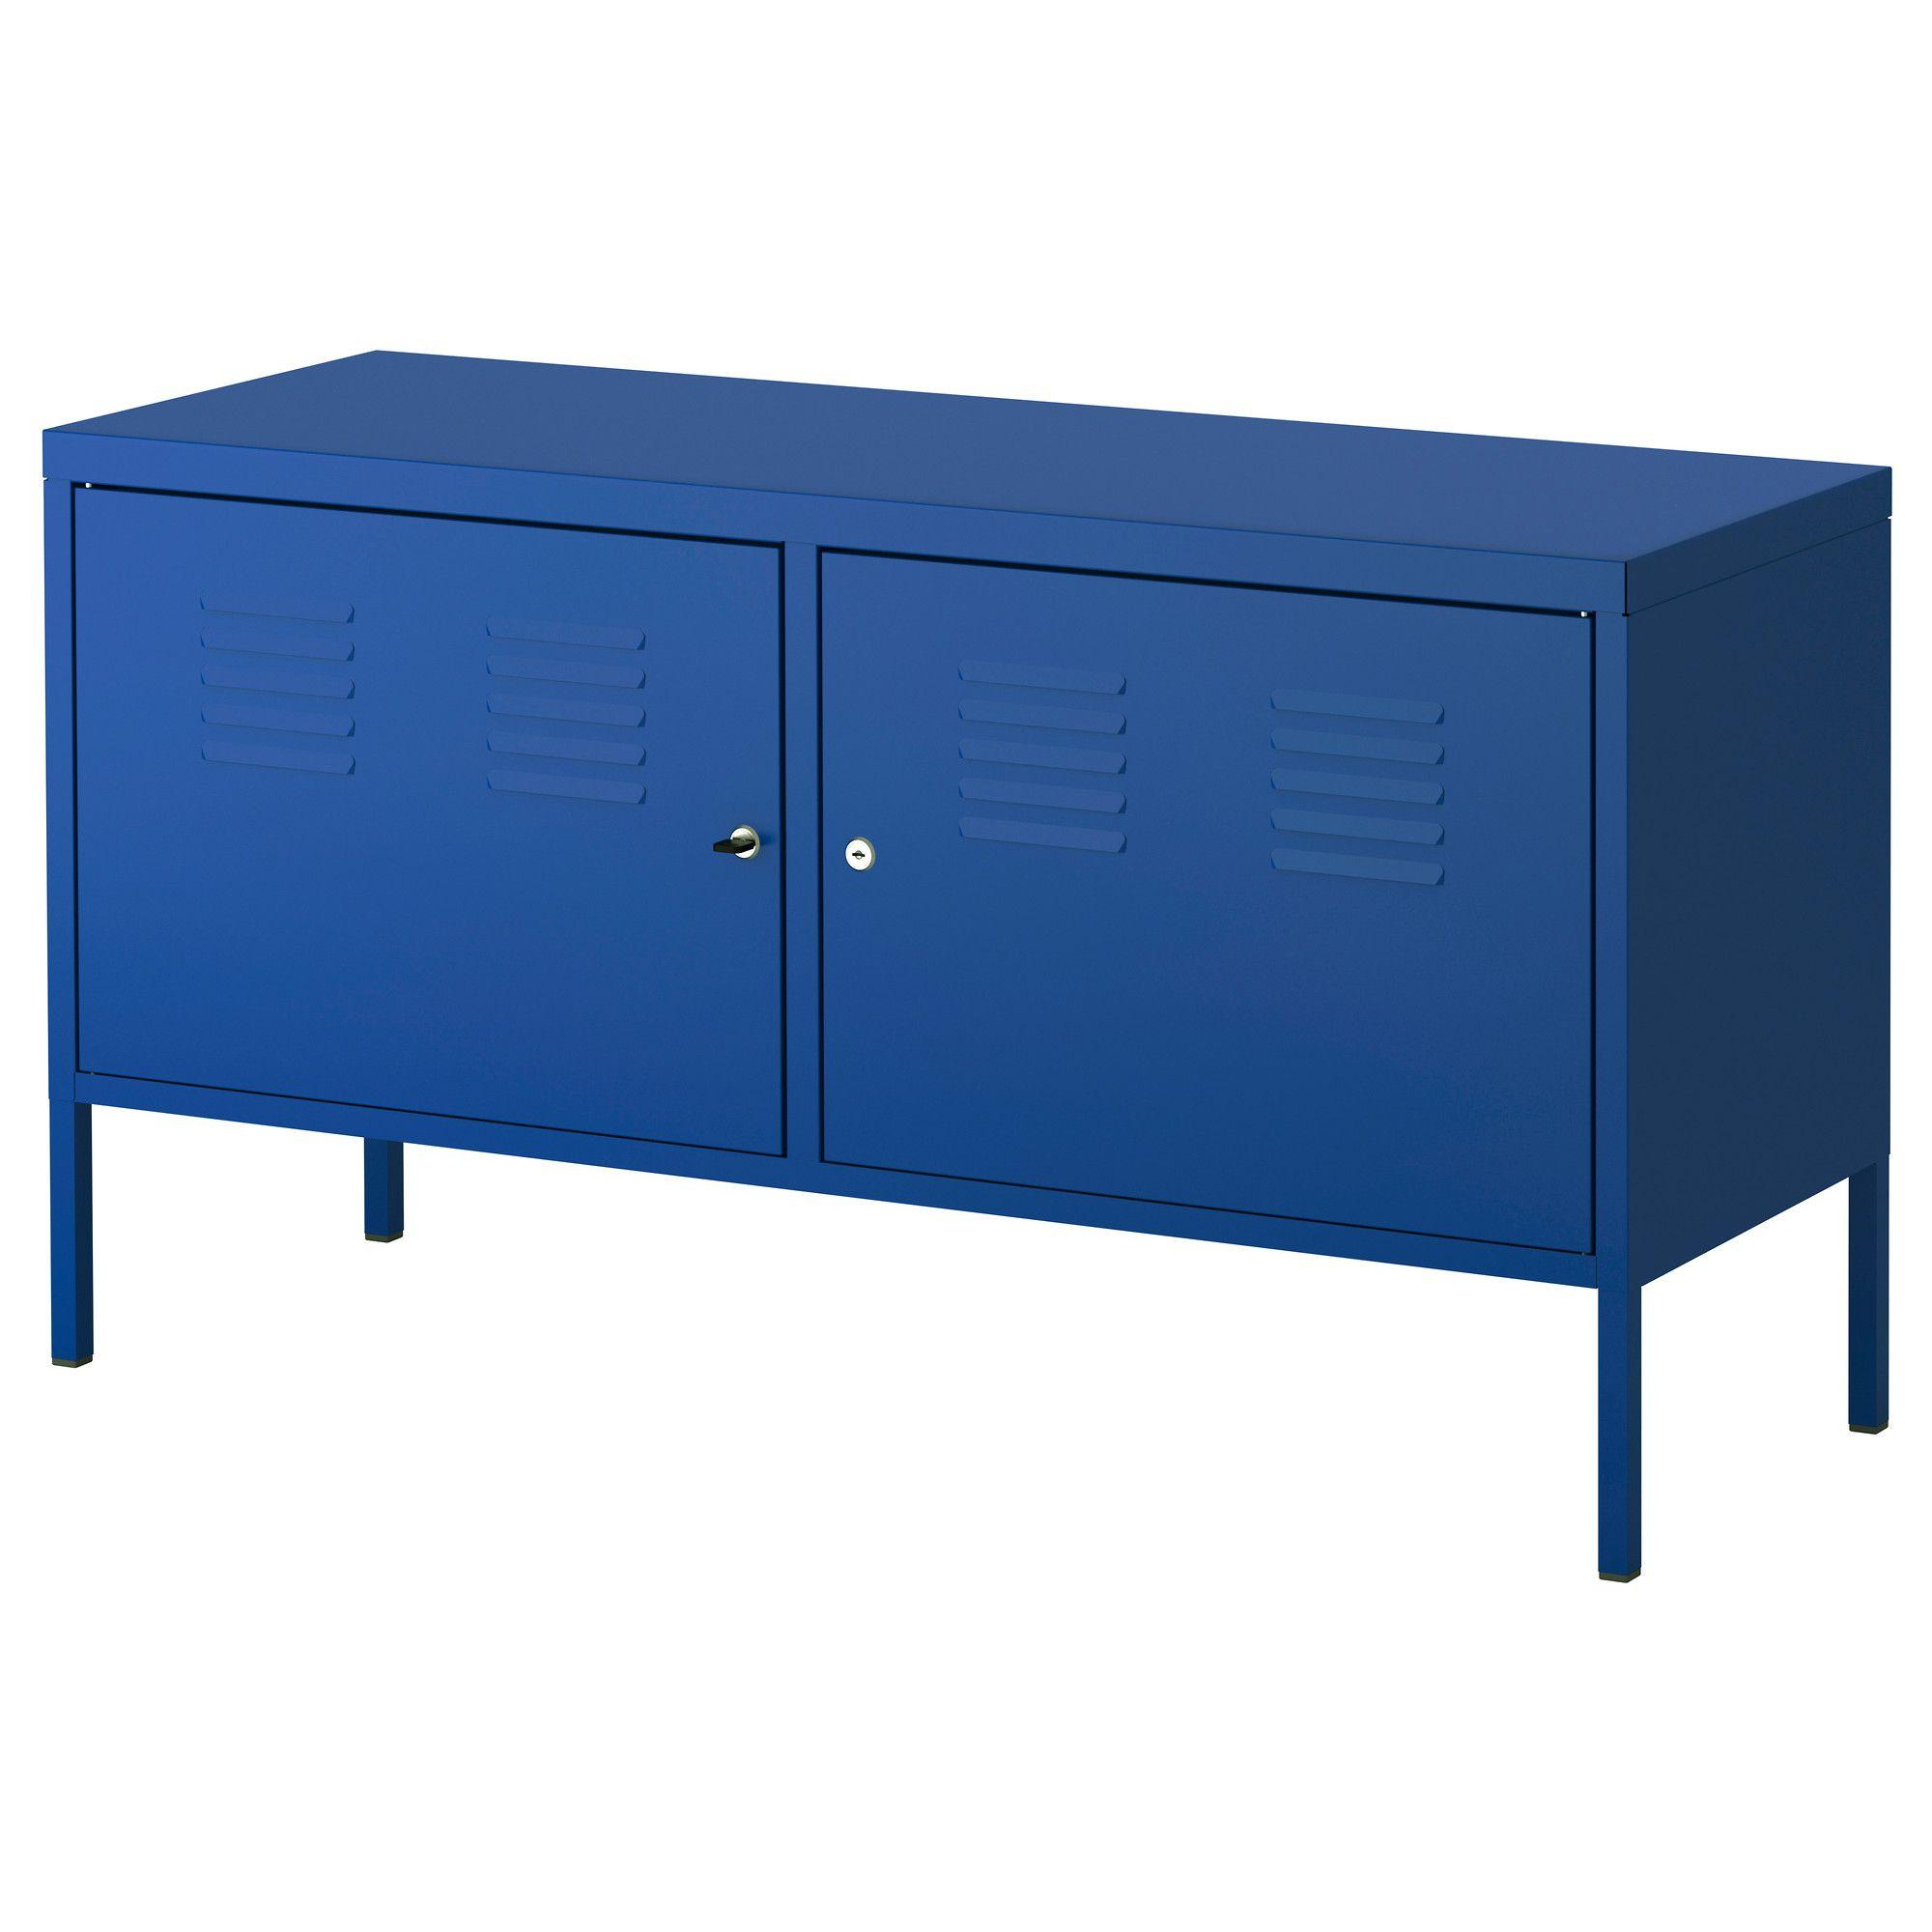 IKEA PS Cabinet, blue | Ikea ps cabinet, Ikea ps and Ikea ikea